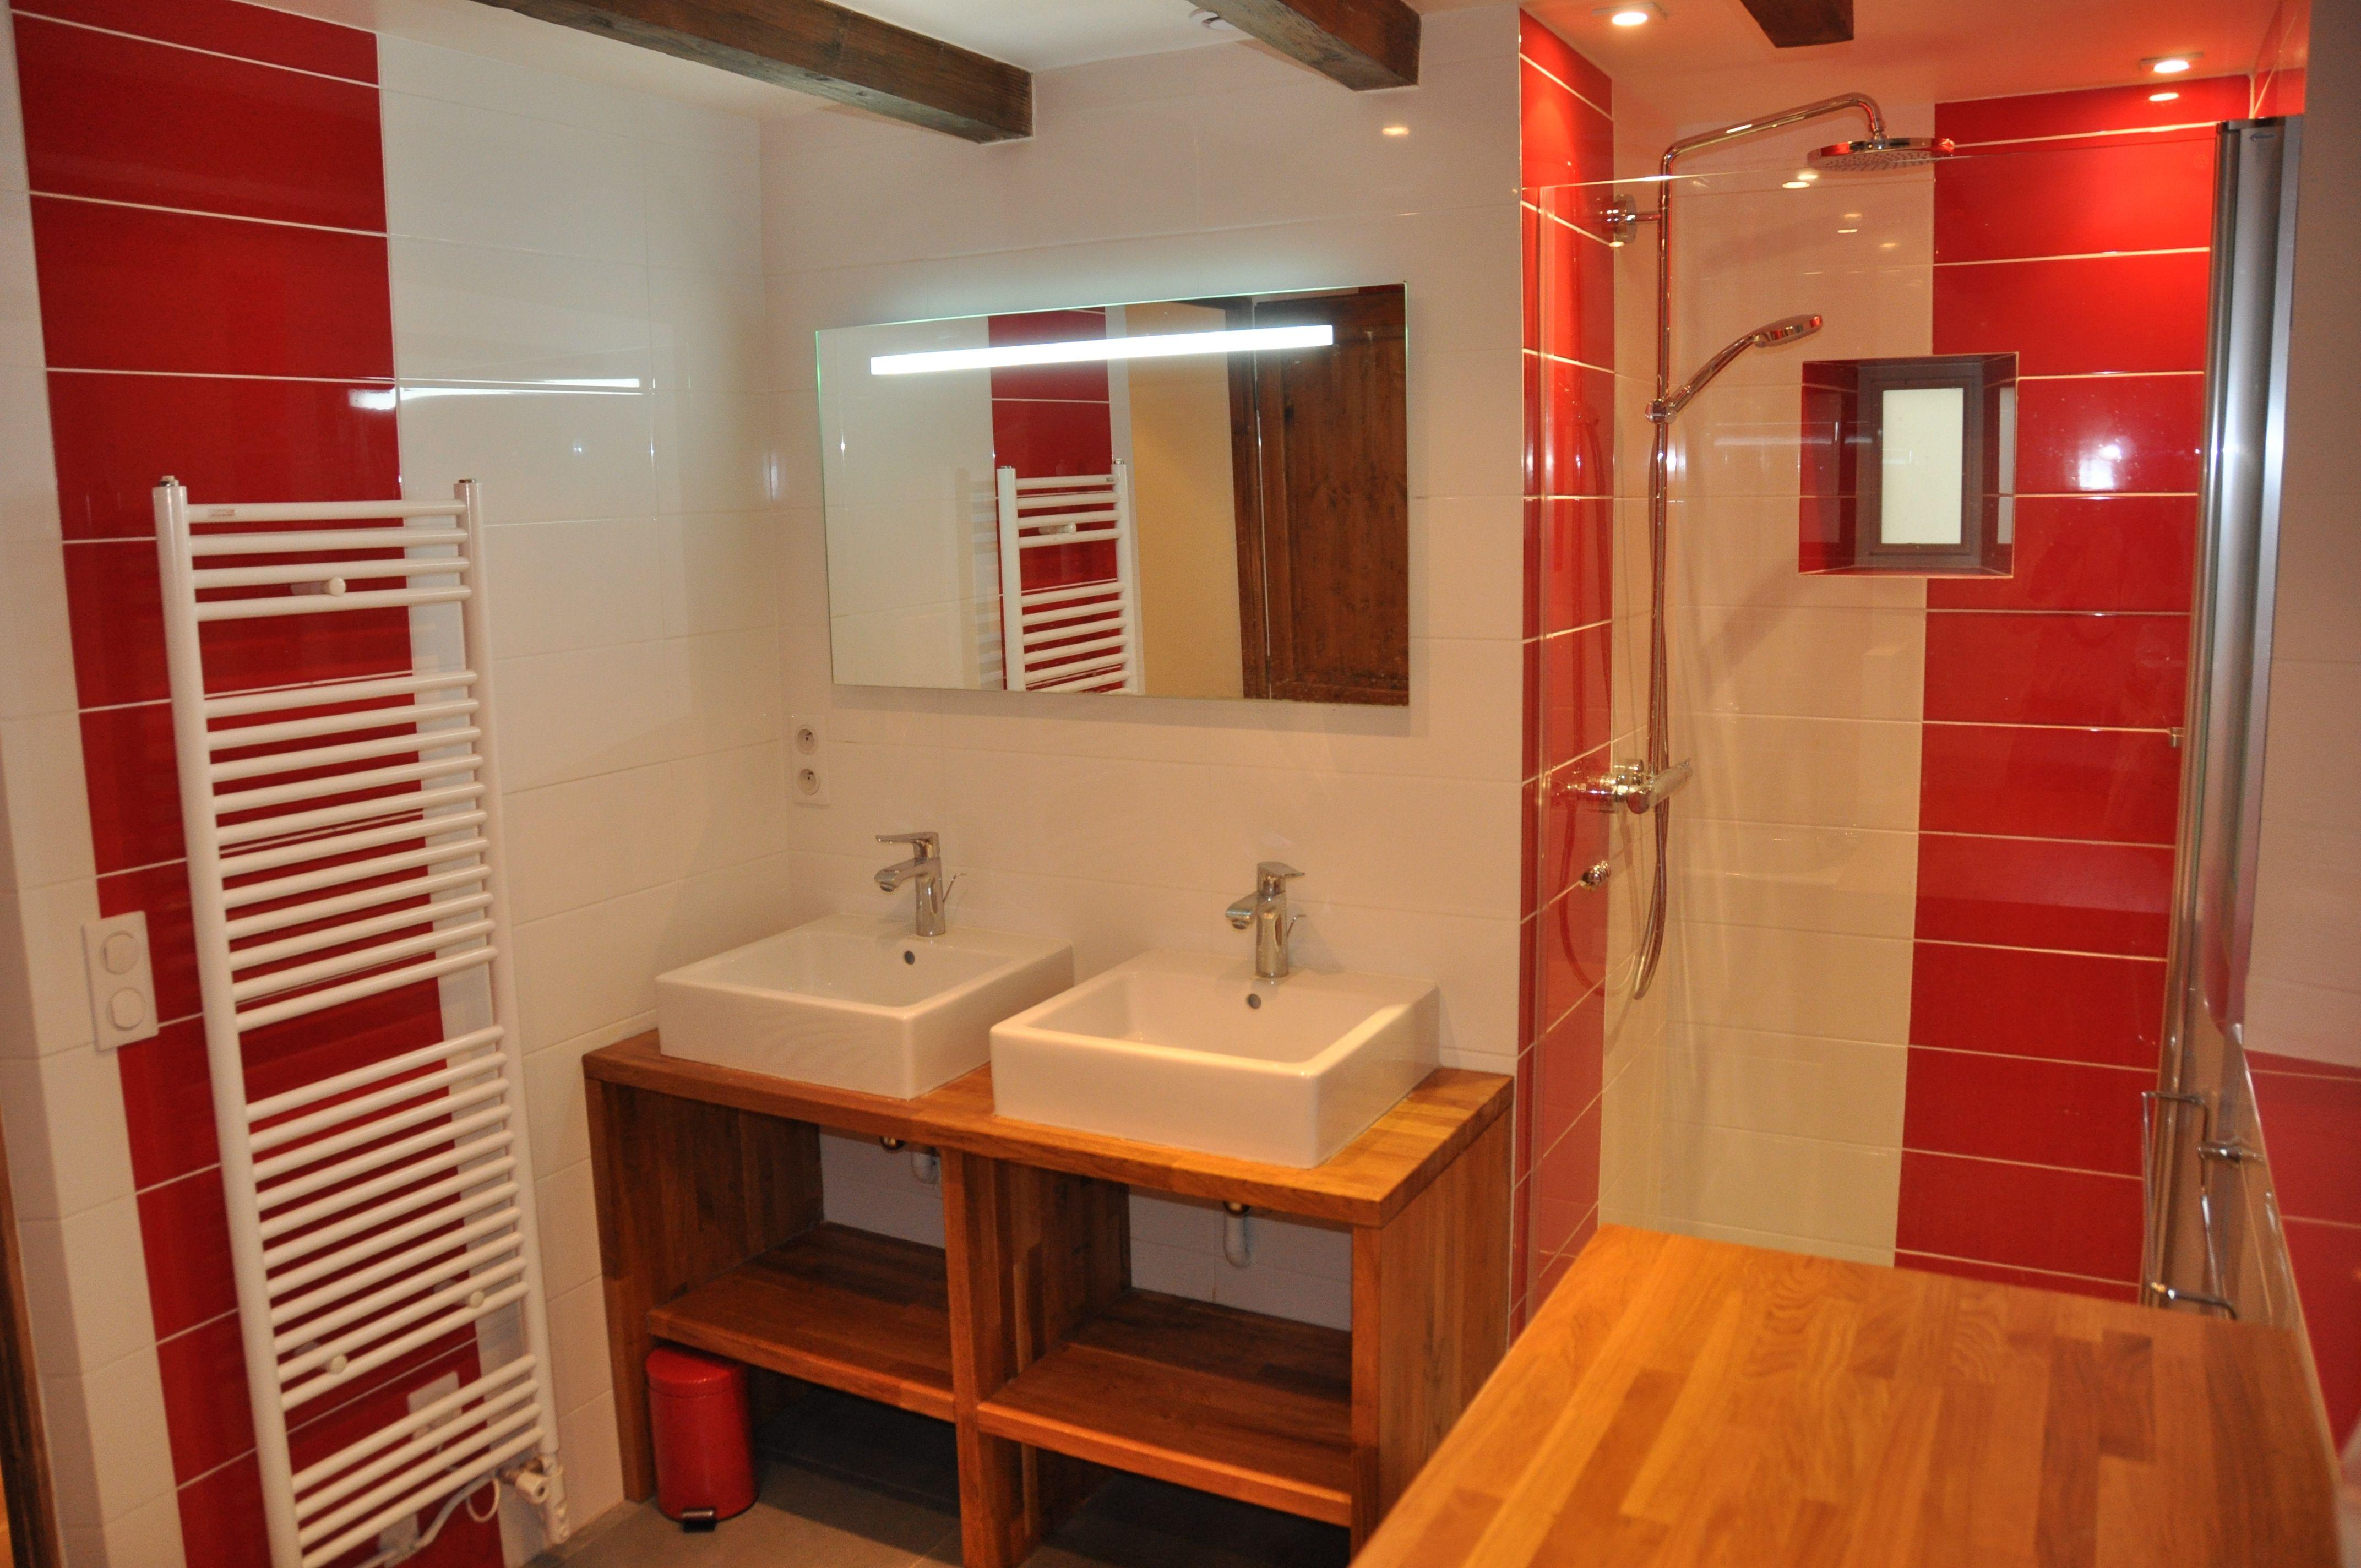 R alisation d 39 une salle de bain rouge et blanche pour une Salle de bain rouge et blanc